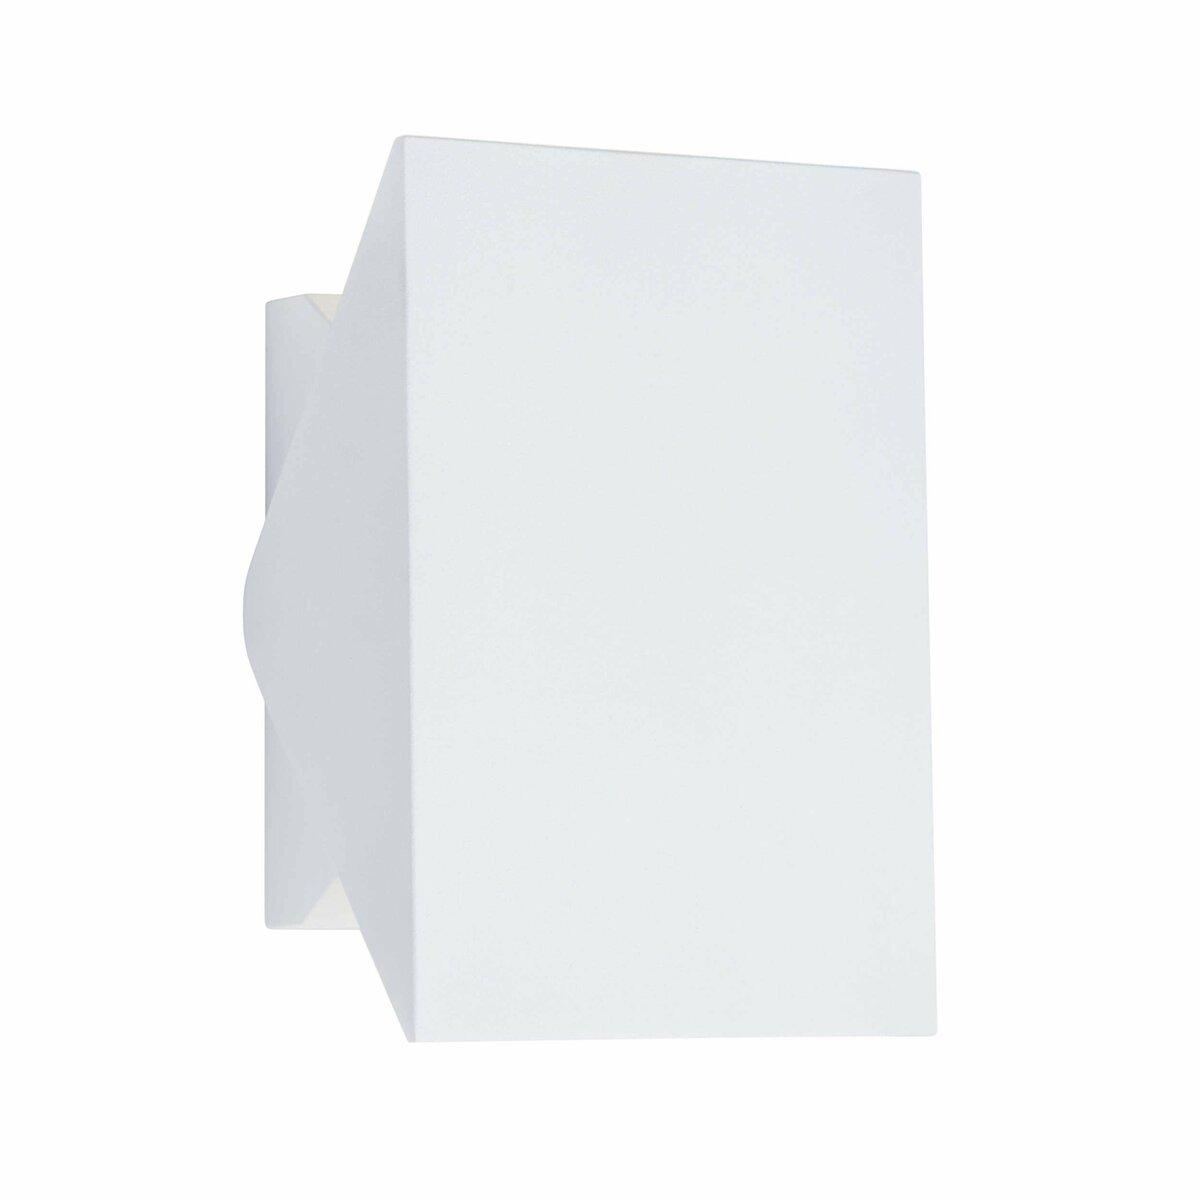 Bild 1 von AEG LED-Außenwandleuchte   QUILLAN